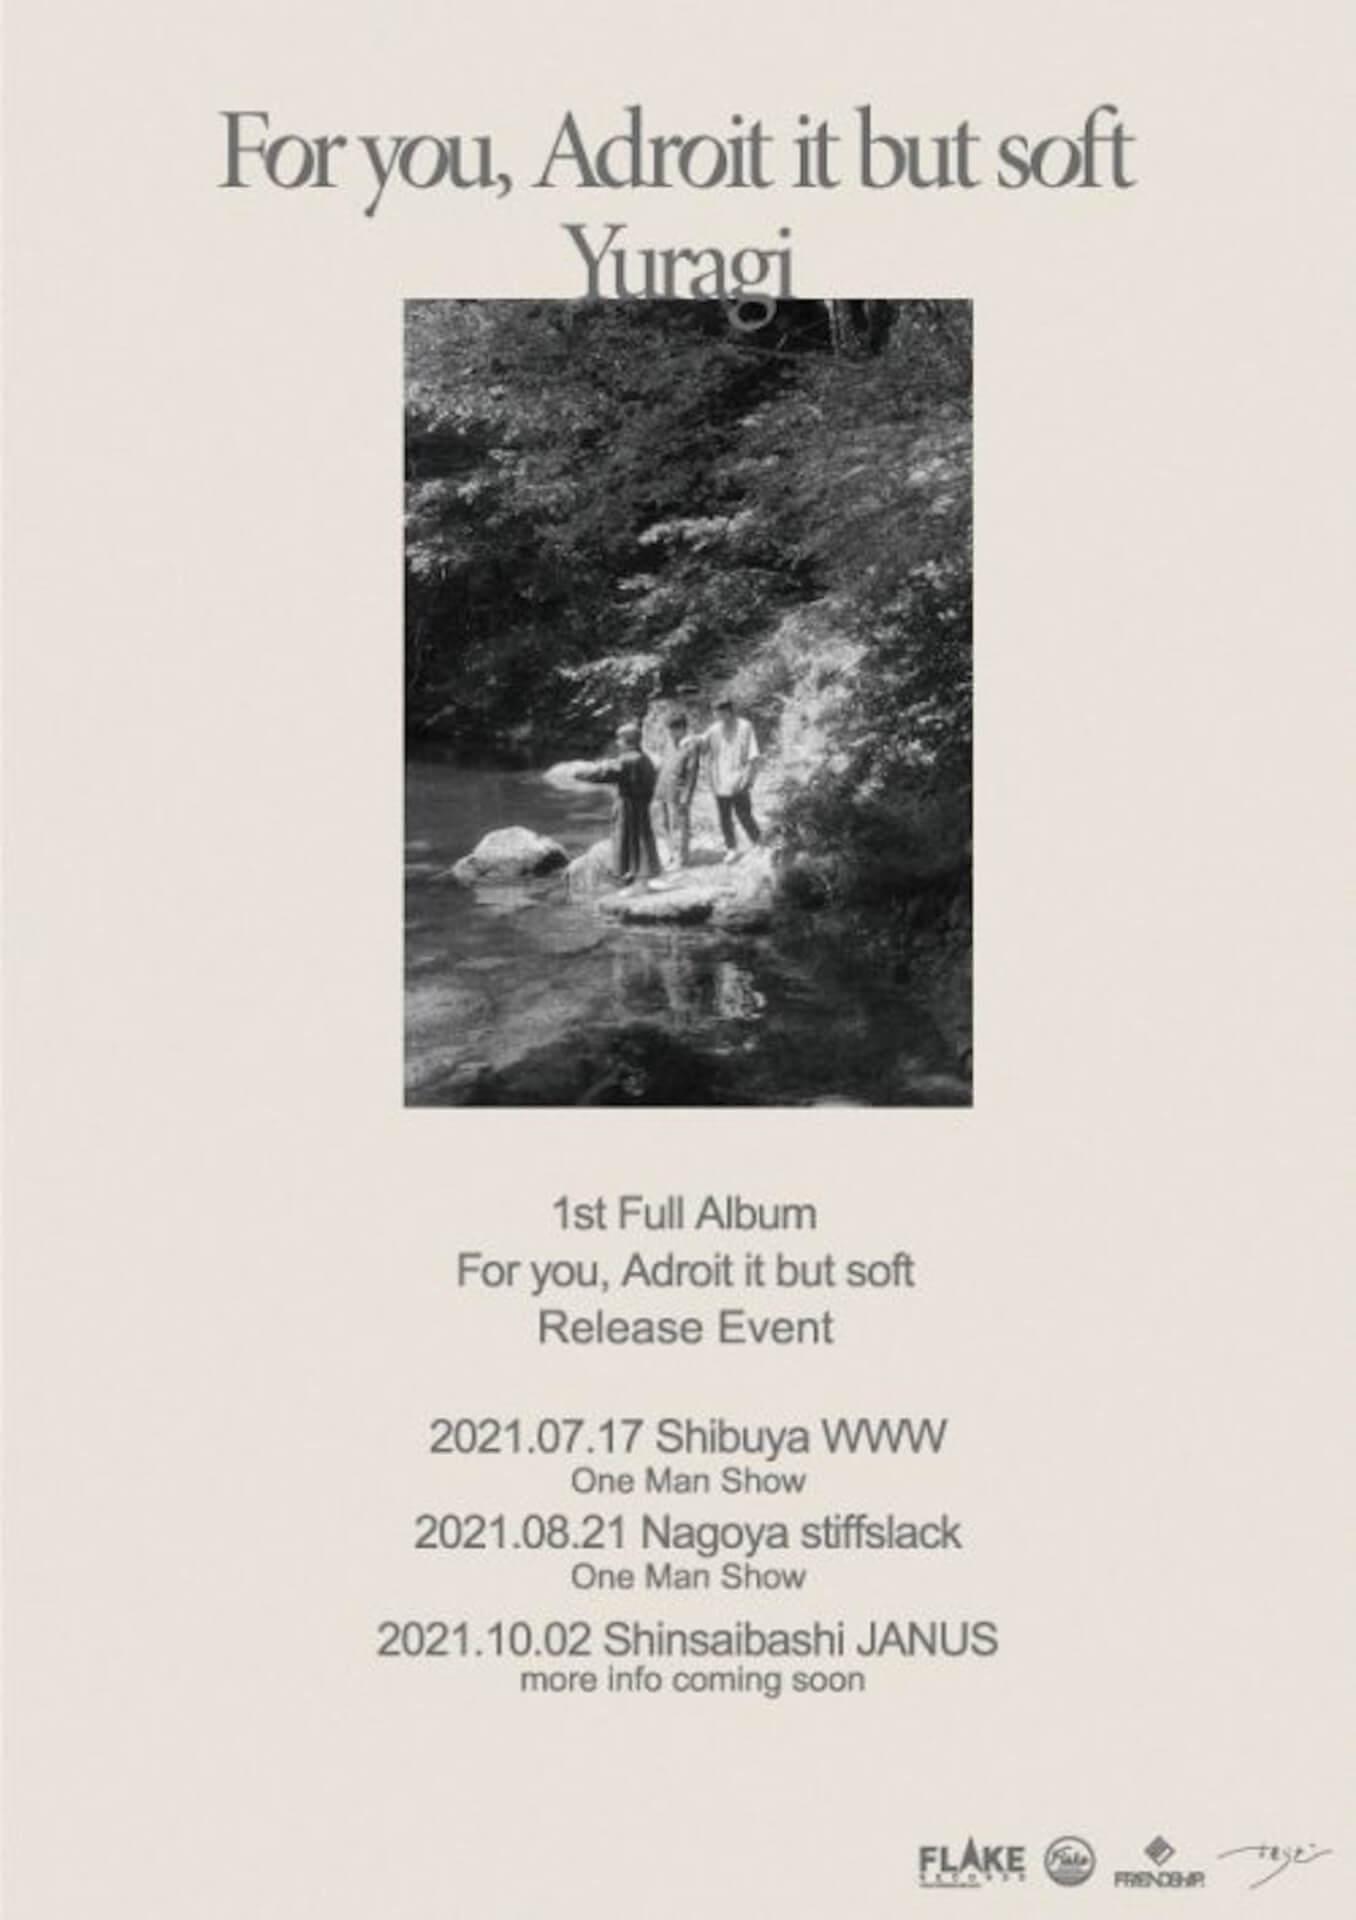 """完売となった揺らぎ初のワンマンライブ<""""For you, Adroit it but soft"""" Release Event>のストリーミング配信が決定! music210914_yuragi_2"""